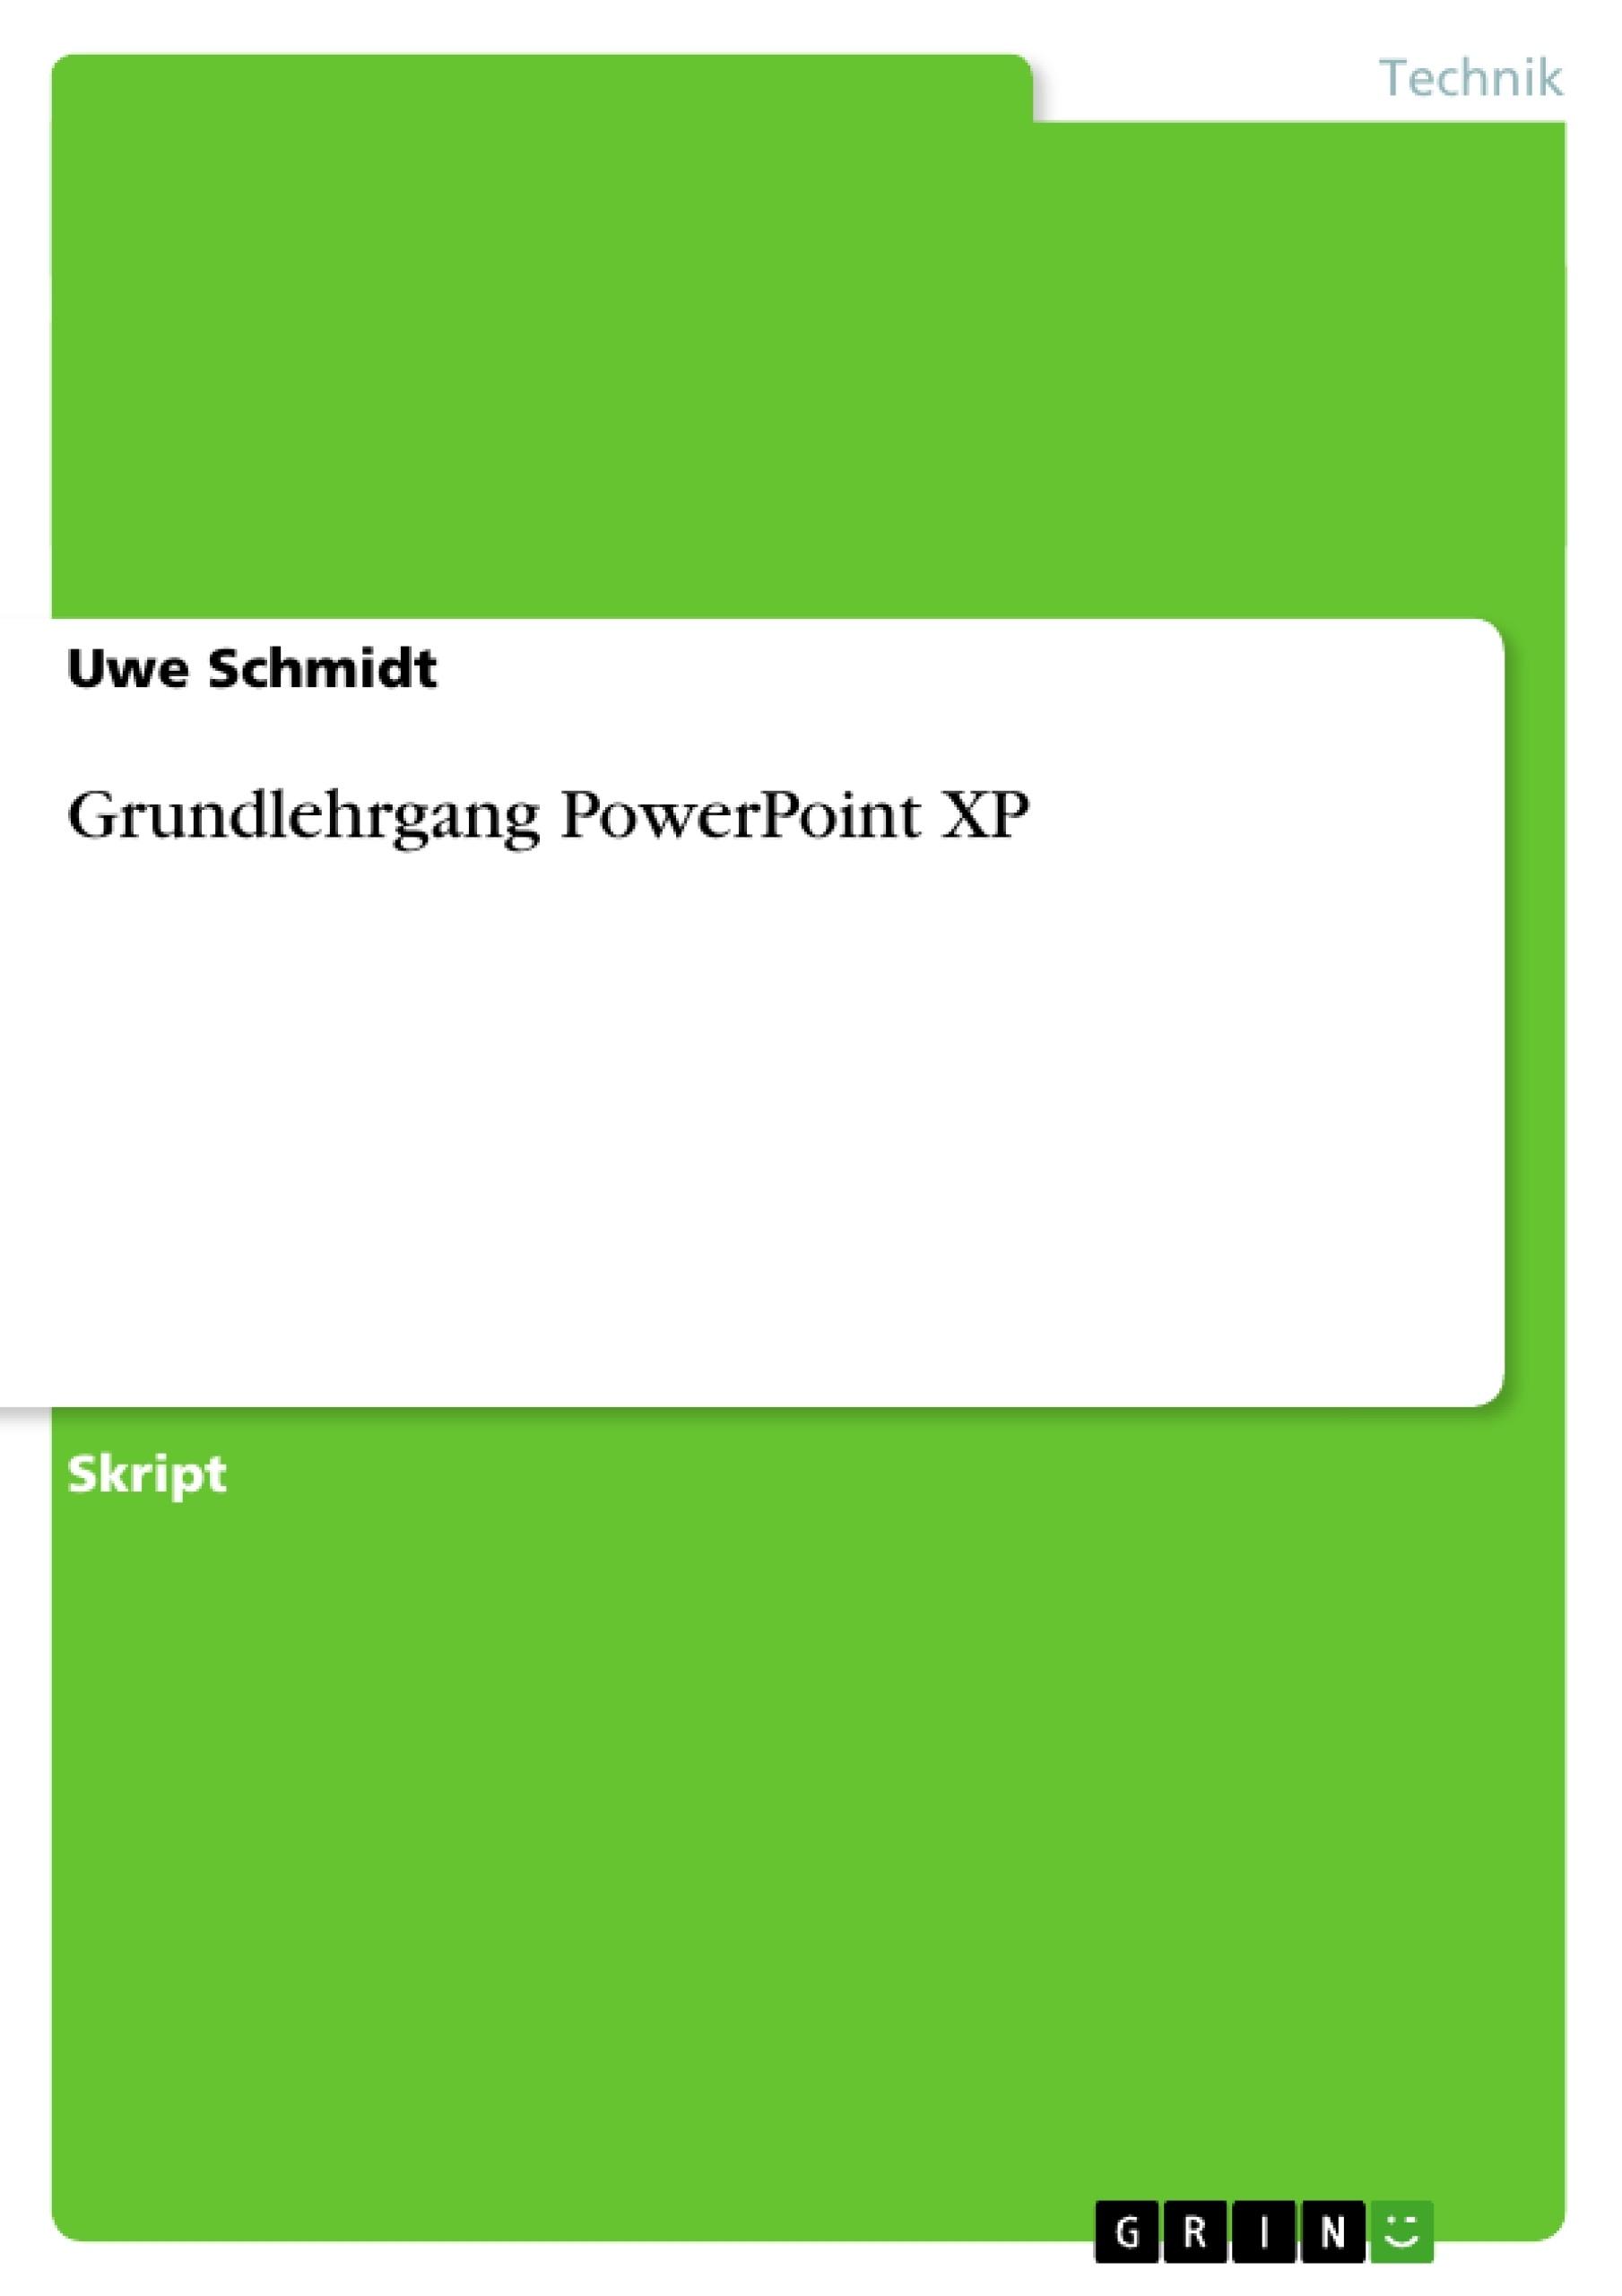 Titel: Grundlehrgang PowerPoint XP